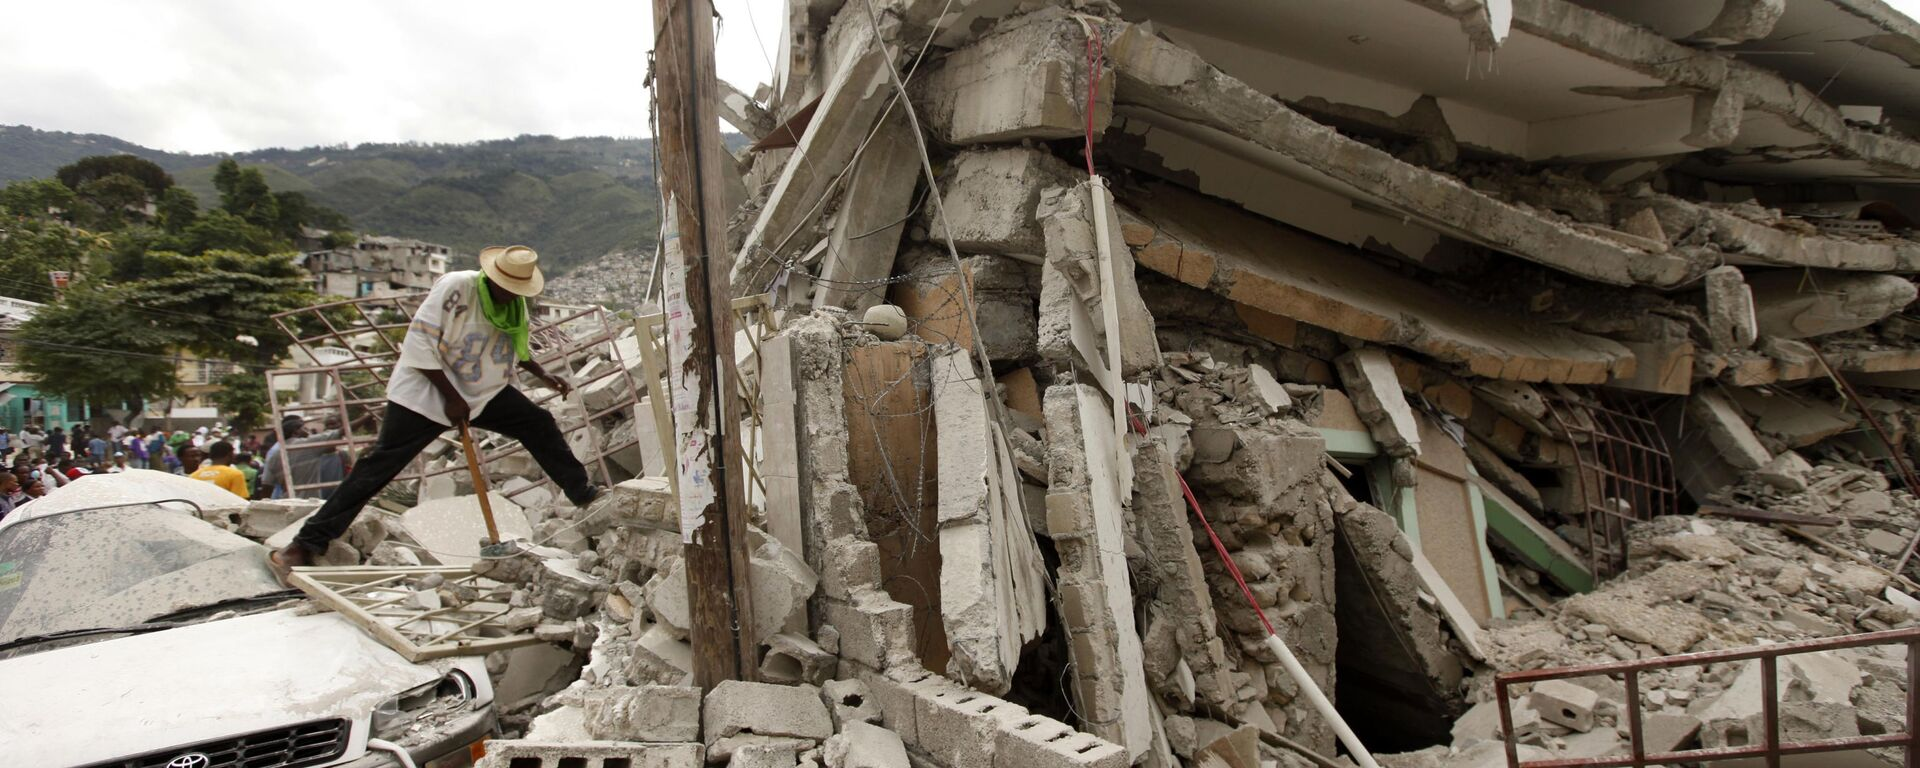 Trosky zničené budovy po zemětřesení, Haiti 2010 - Sputnik Česká republika, 1920, 14.08.2021